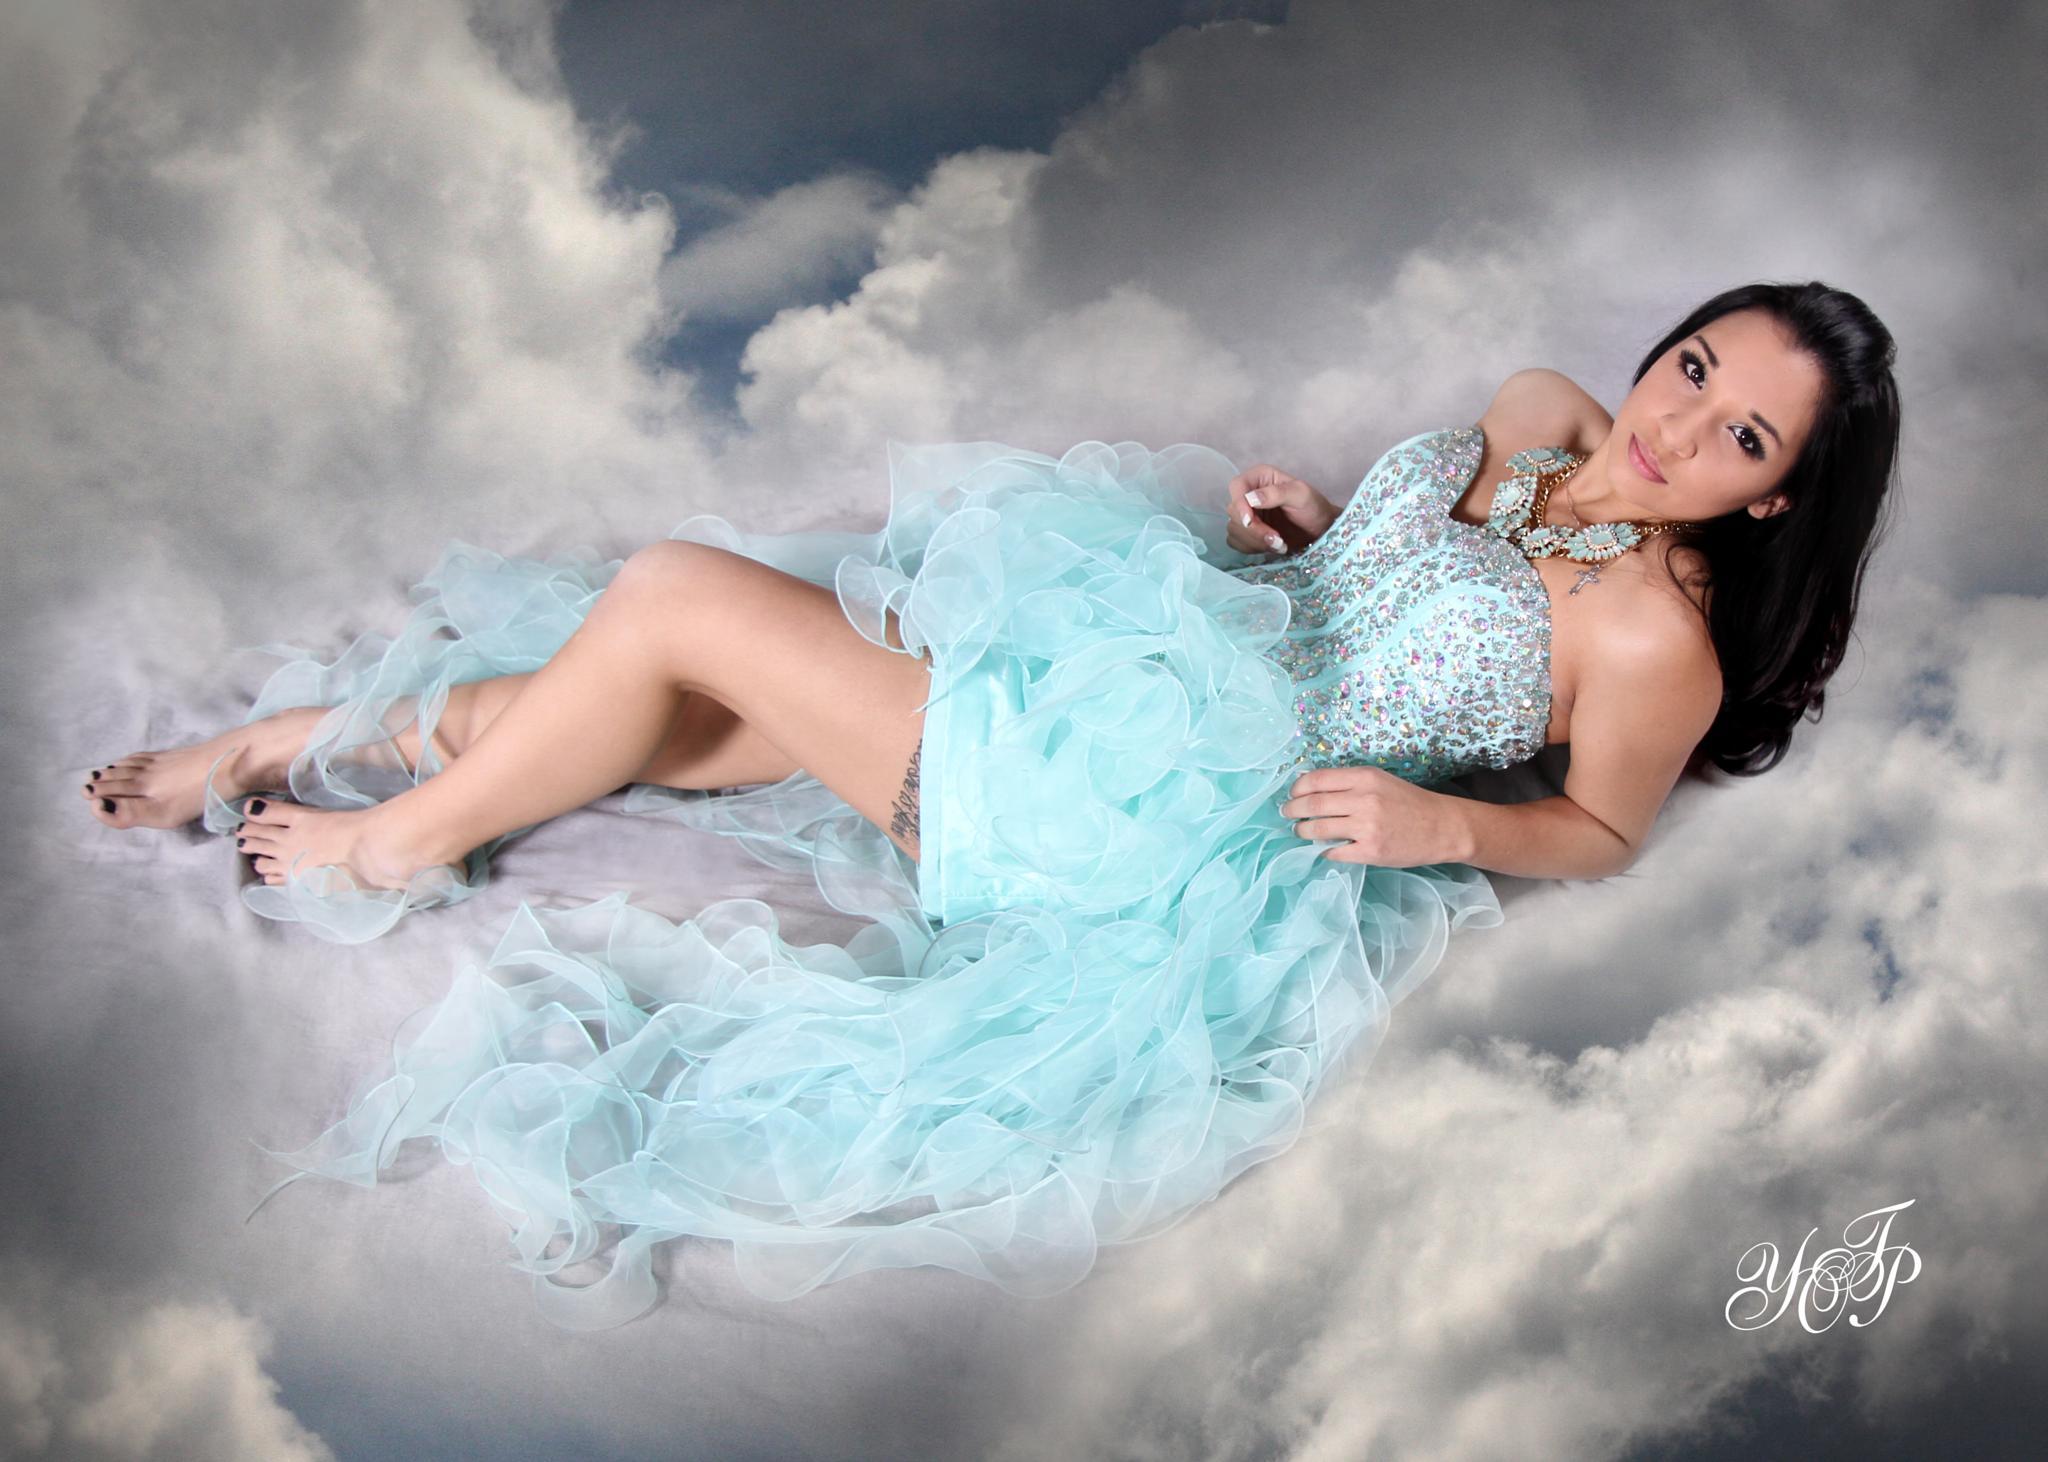 Cloud 9 by kurt.d.welker